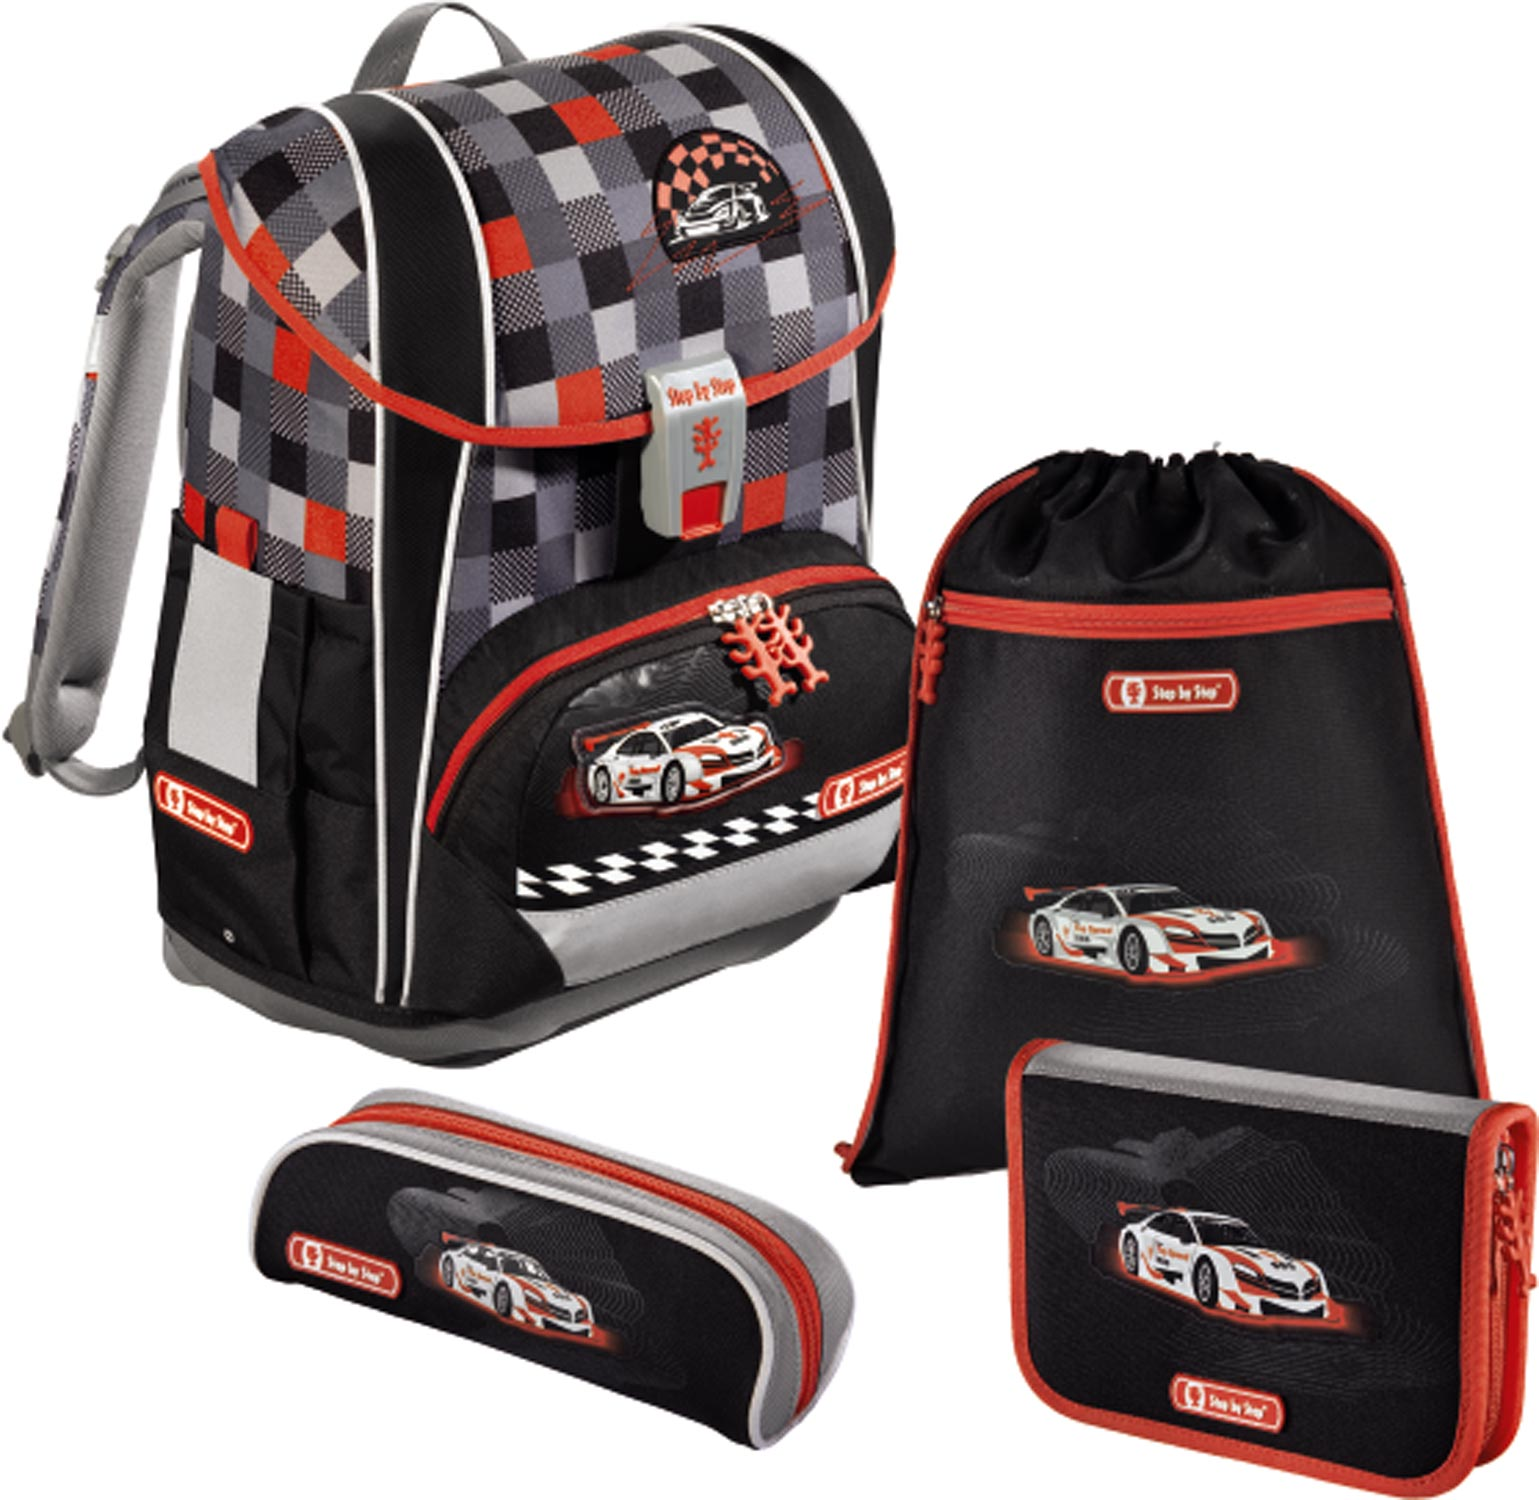 Školní aktovka Light 2 Racer auto 4 dílný set Hama Step by Step 9a9eb37d1c